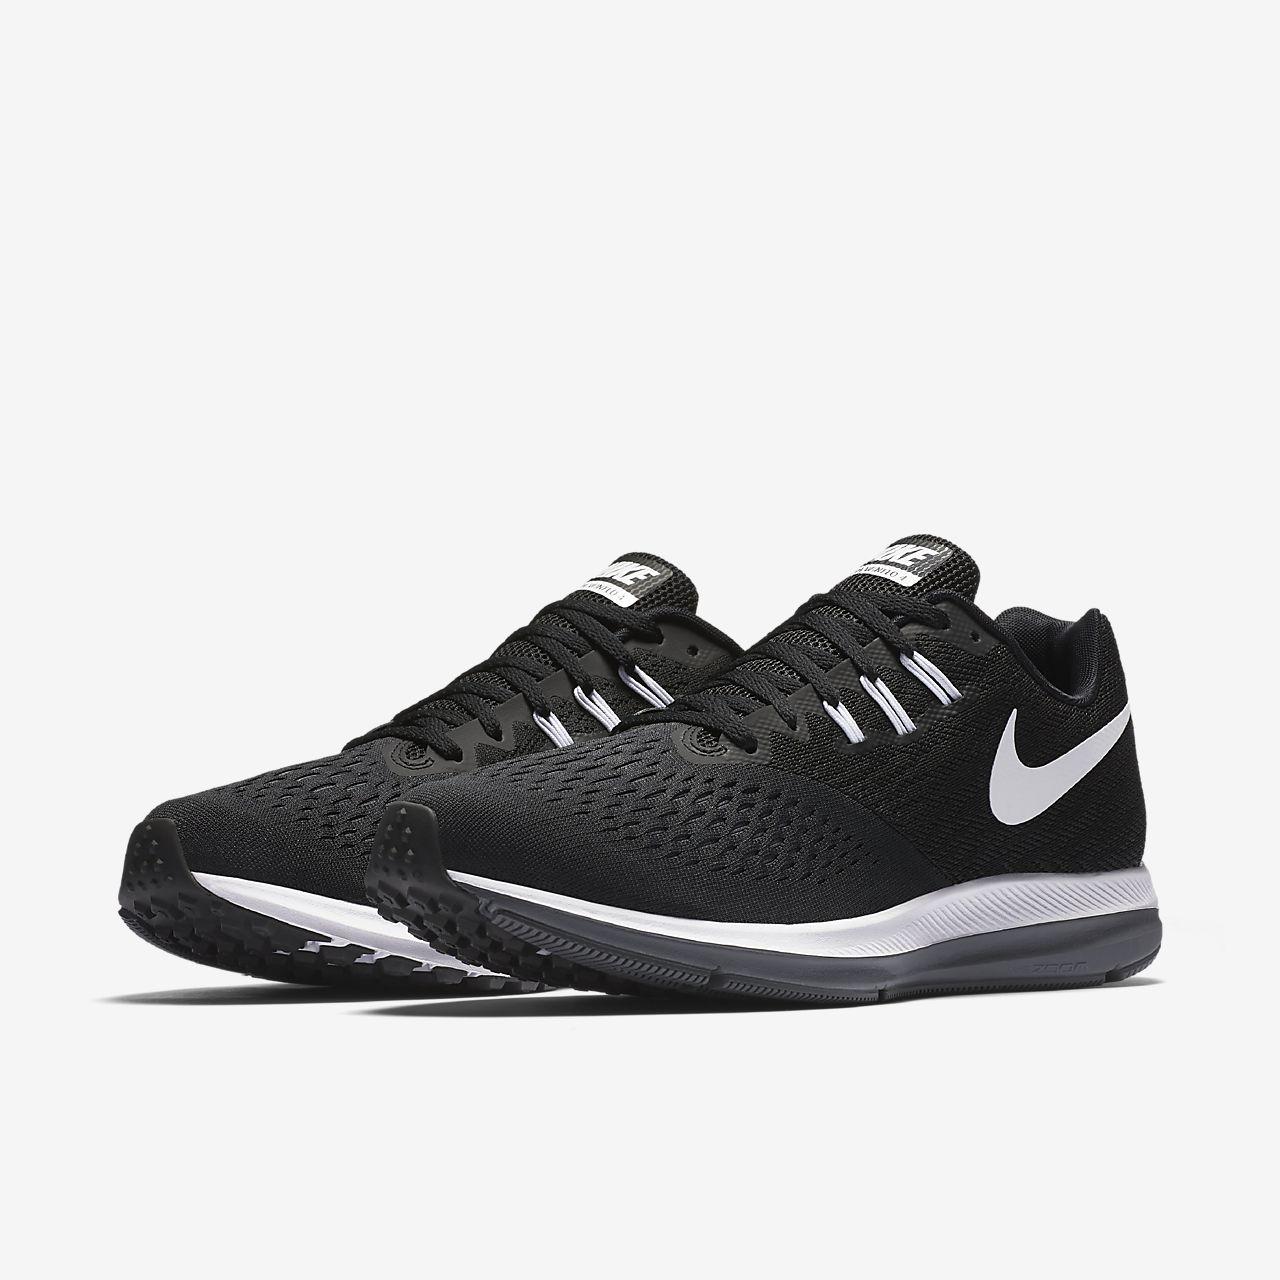 Hommes Zoom Winflo 4 Chaussures De Course, Noir, Nike Eu